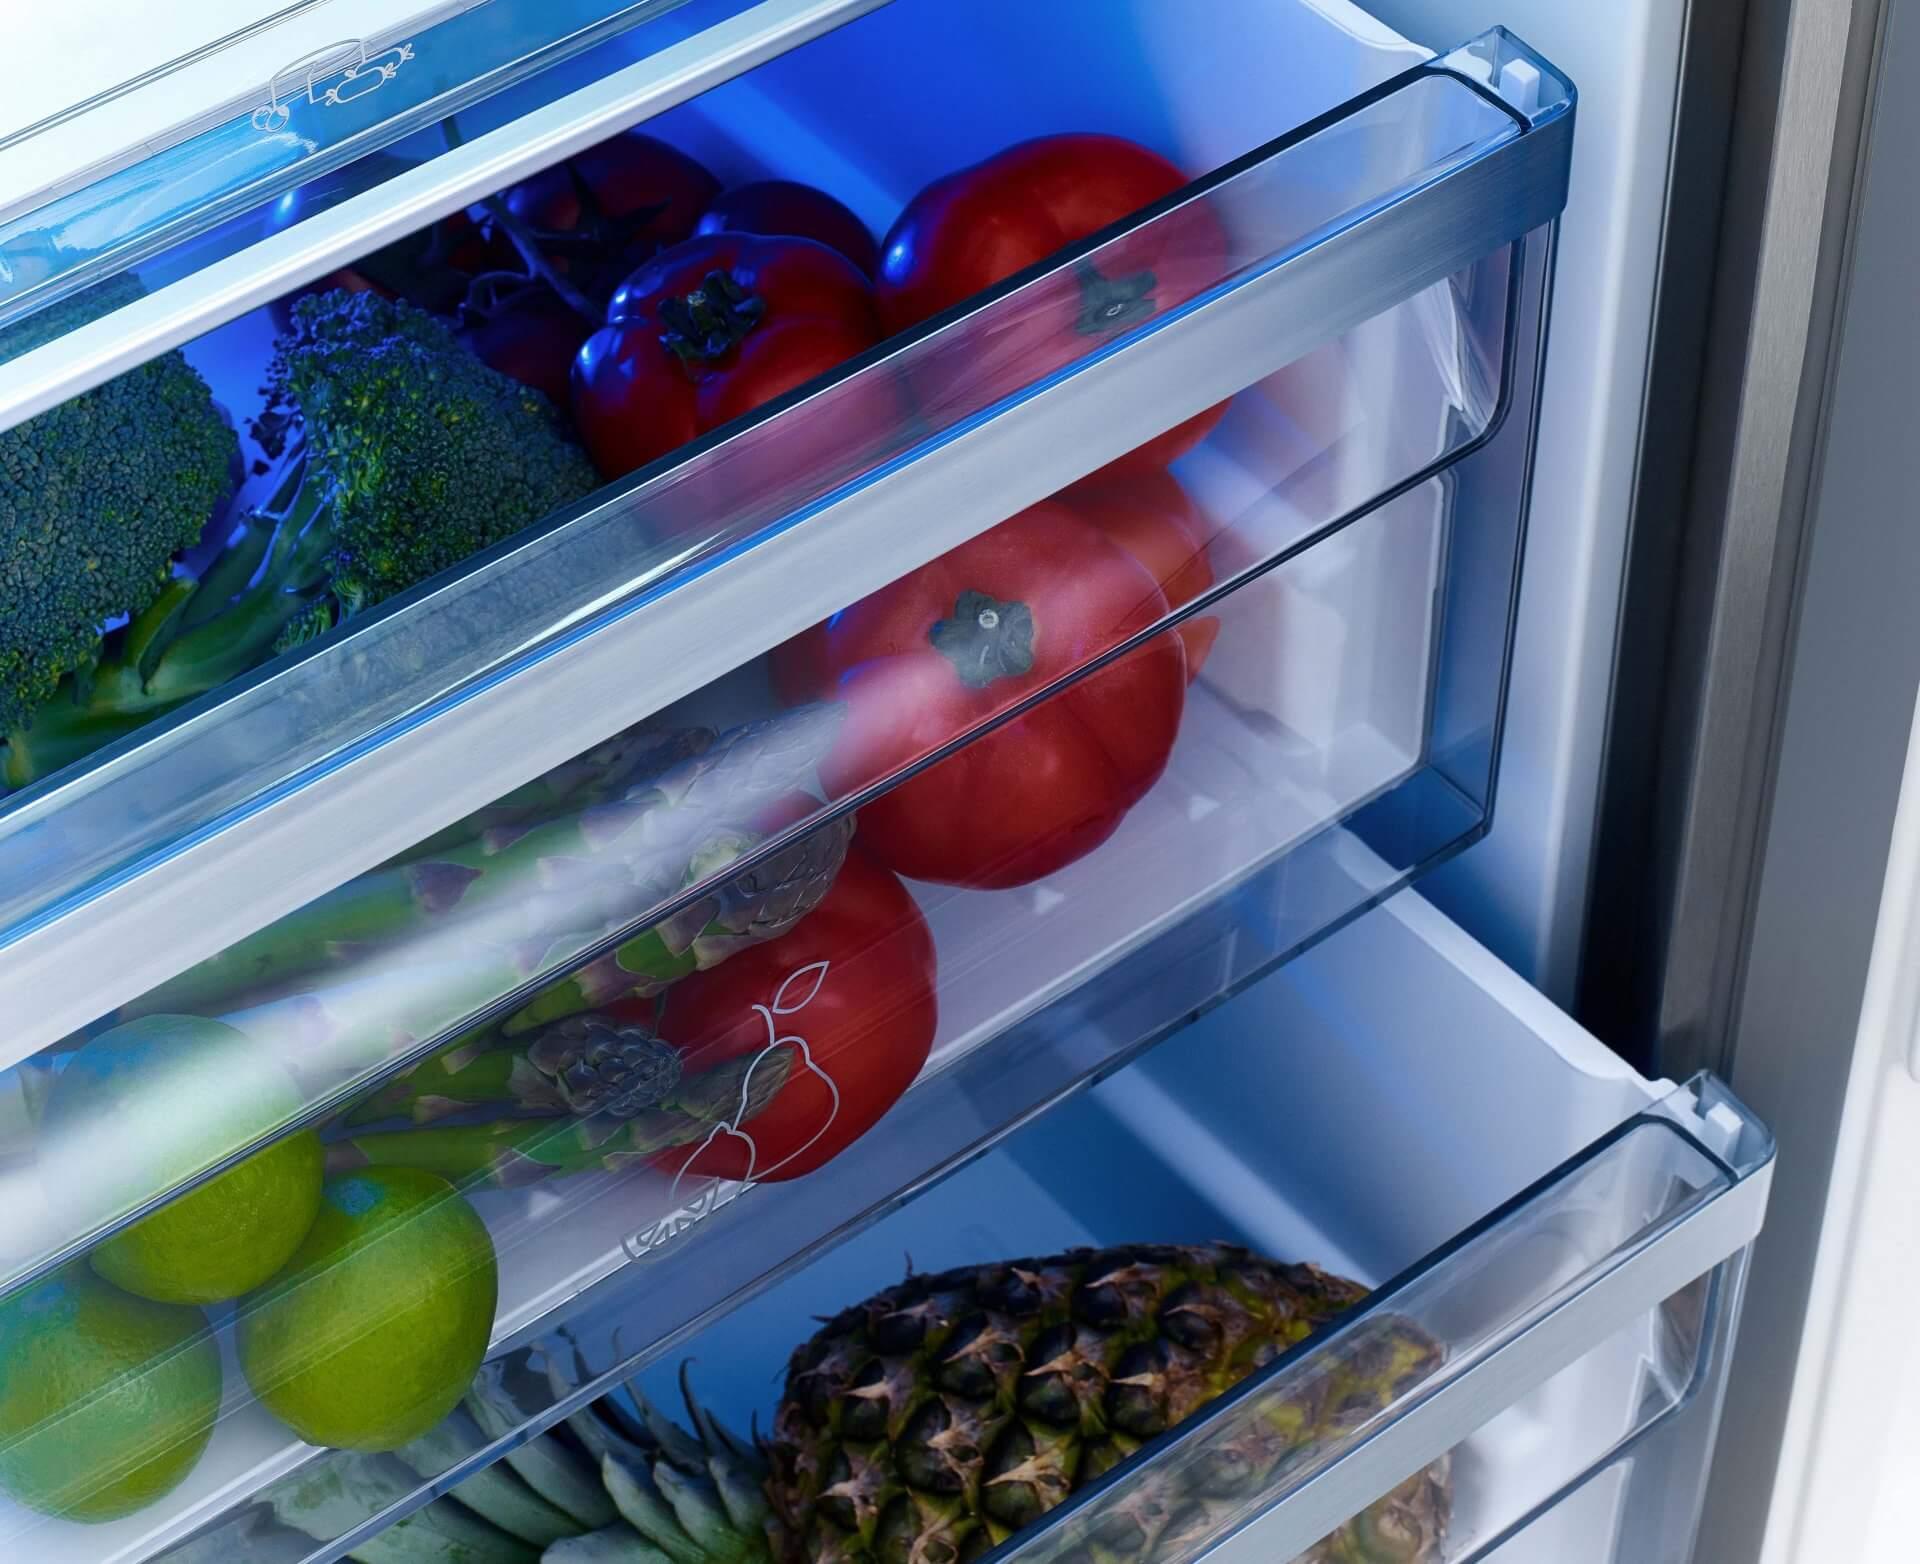 راهنما استفاده از یخچال و فریزر